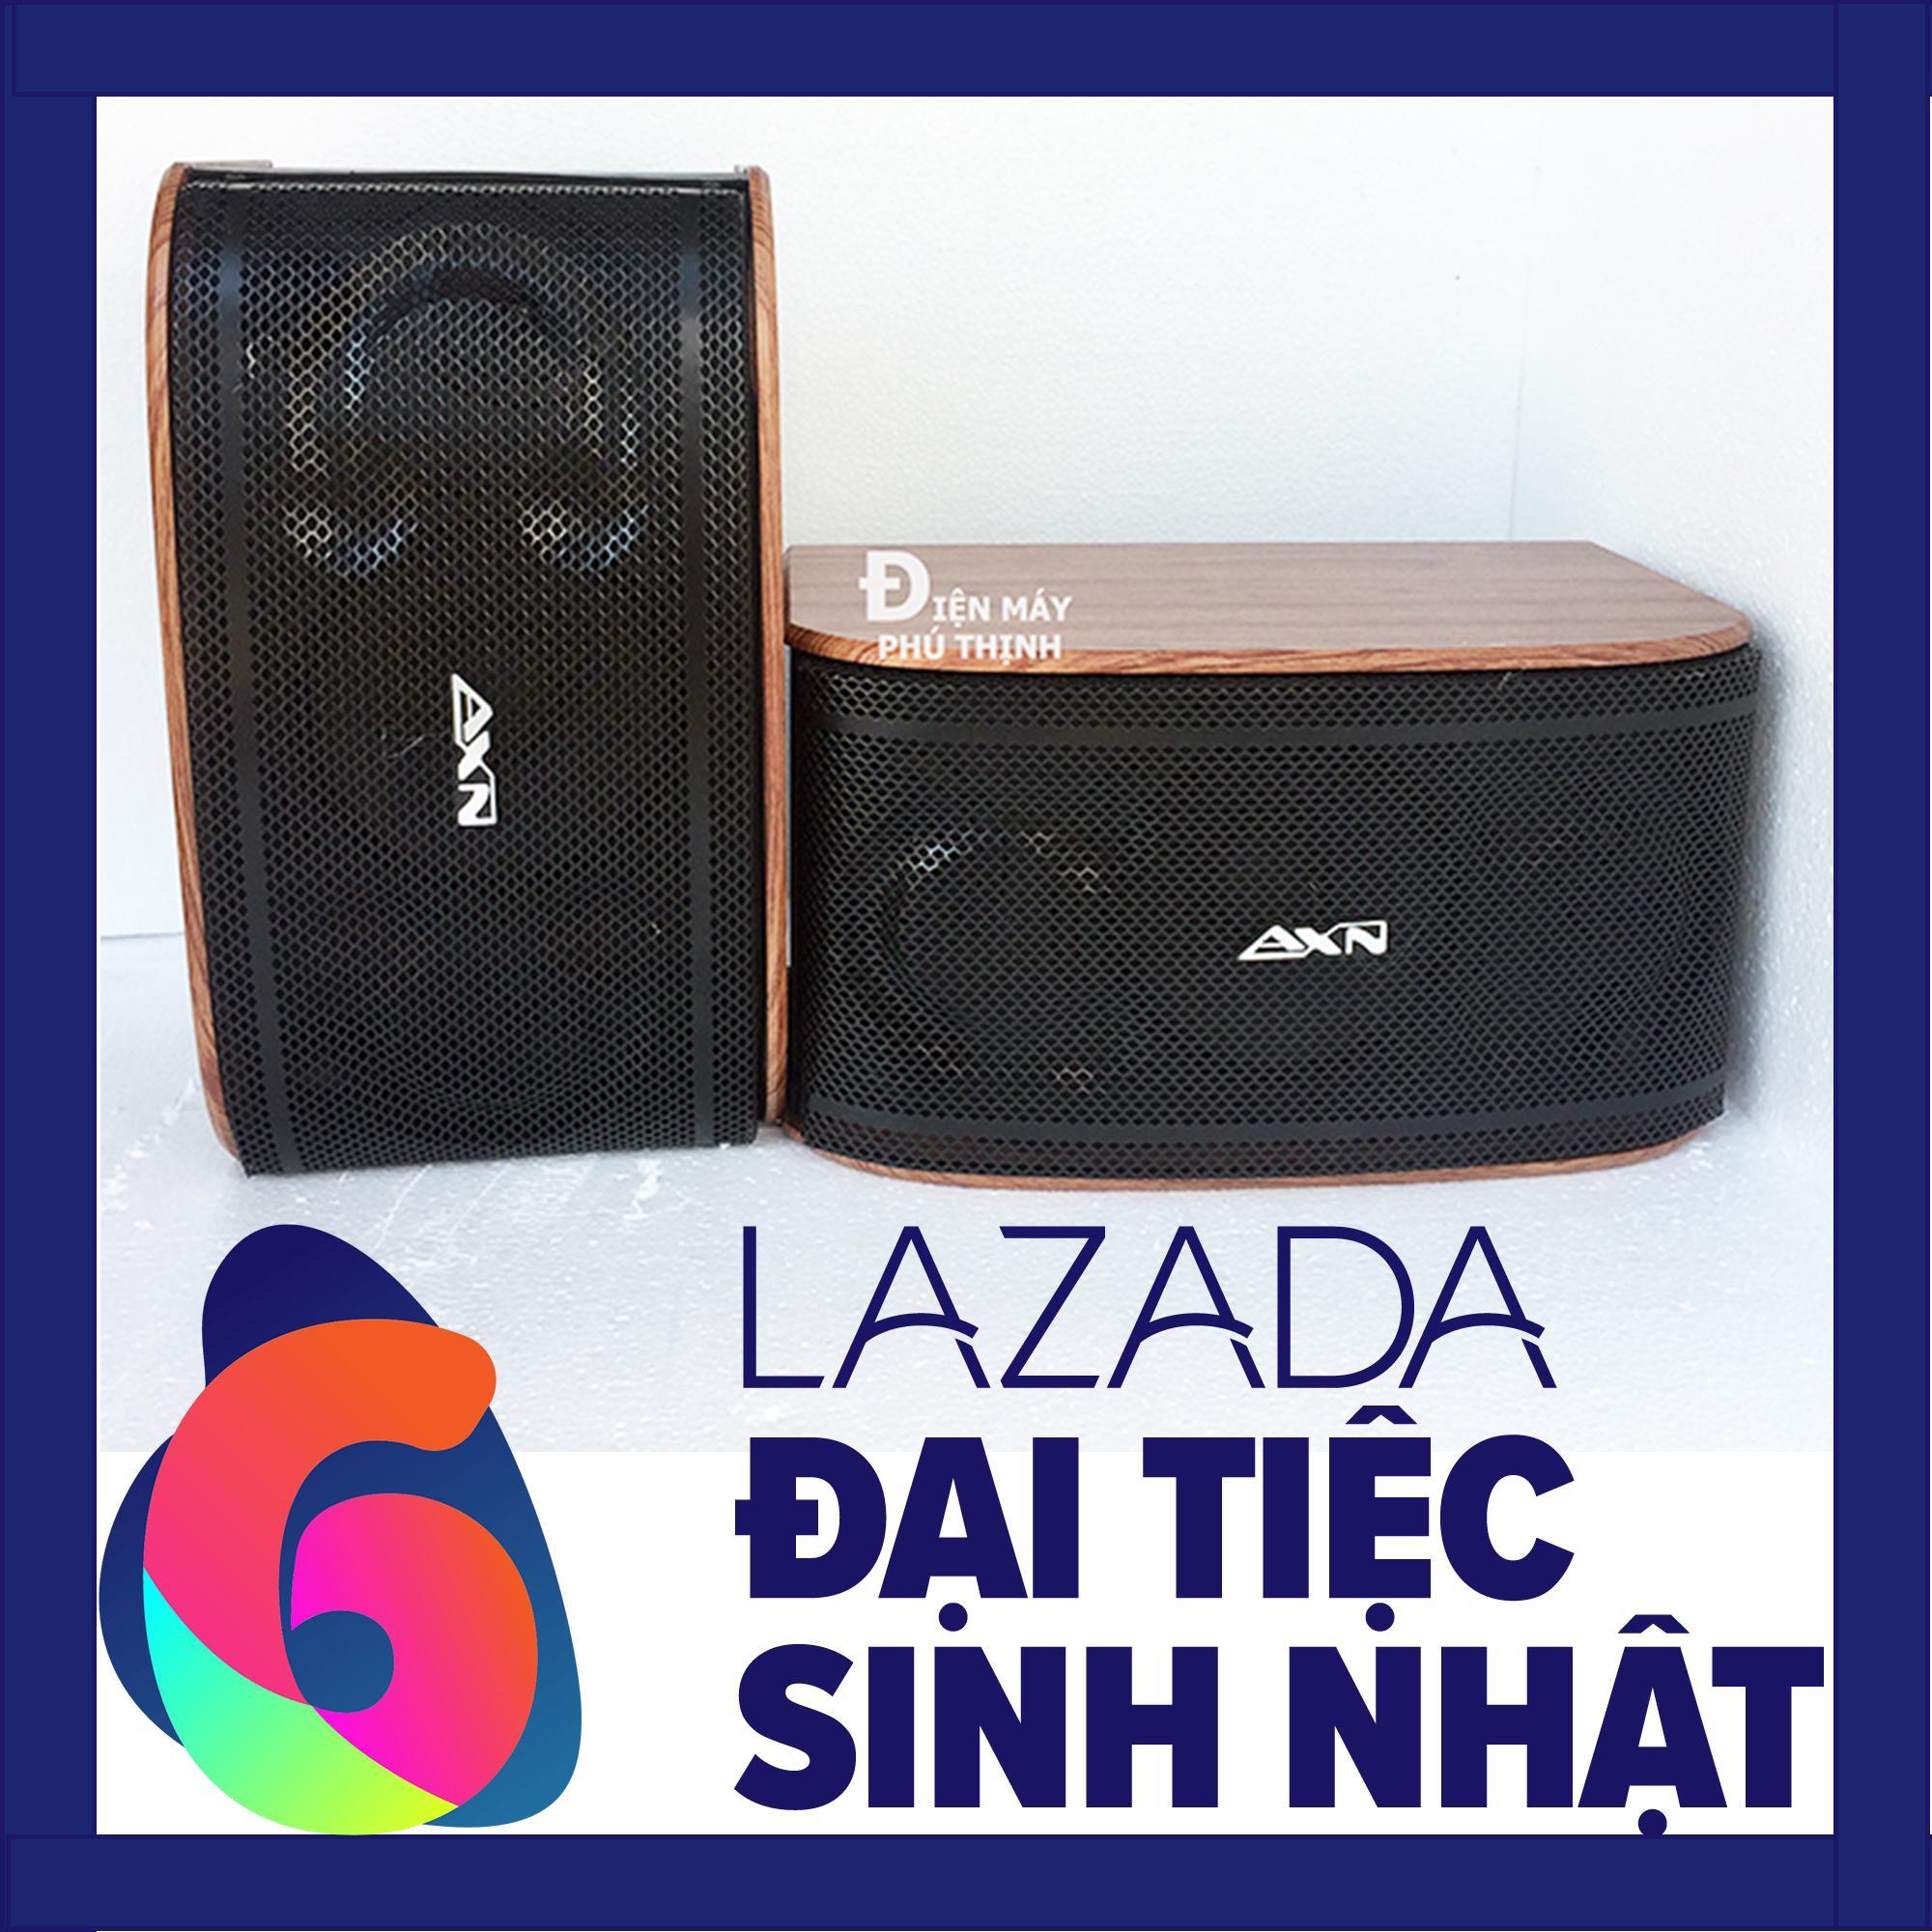 Giá Bán Loa Karaoke Loa Nghe Nhạc Axn Pt2T Am Thanh Hay Gia Rẻ Karaoke Hay Mới